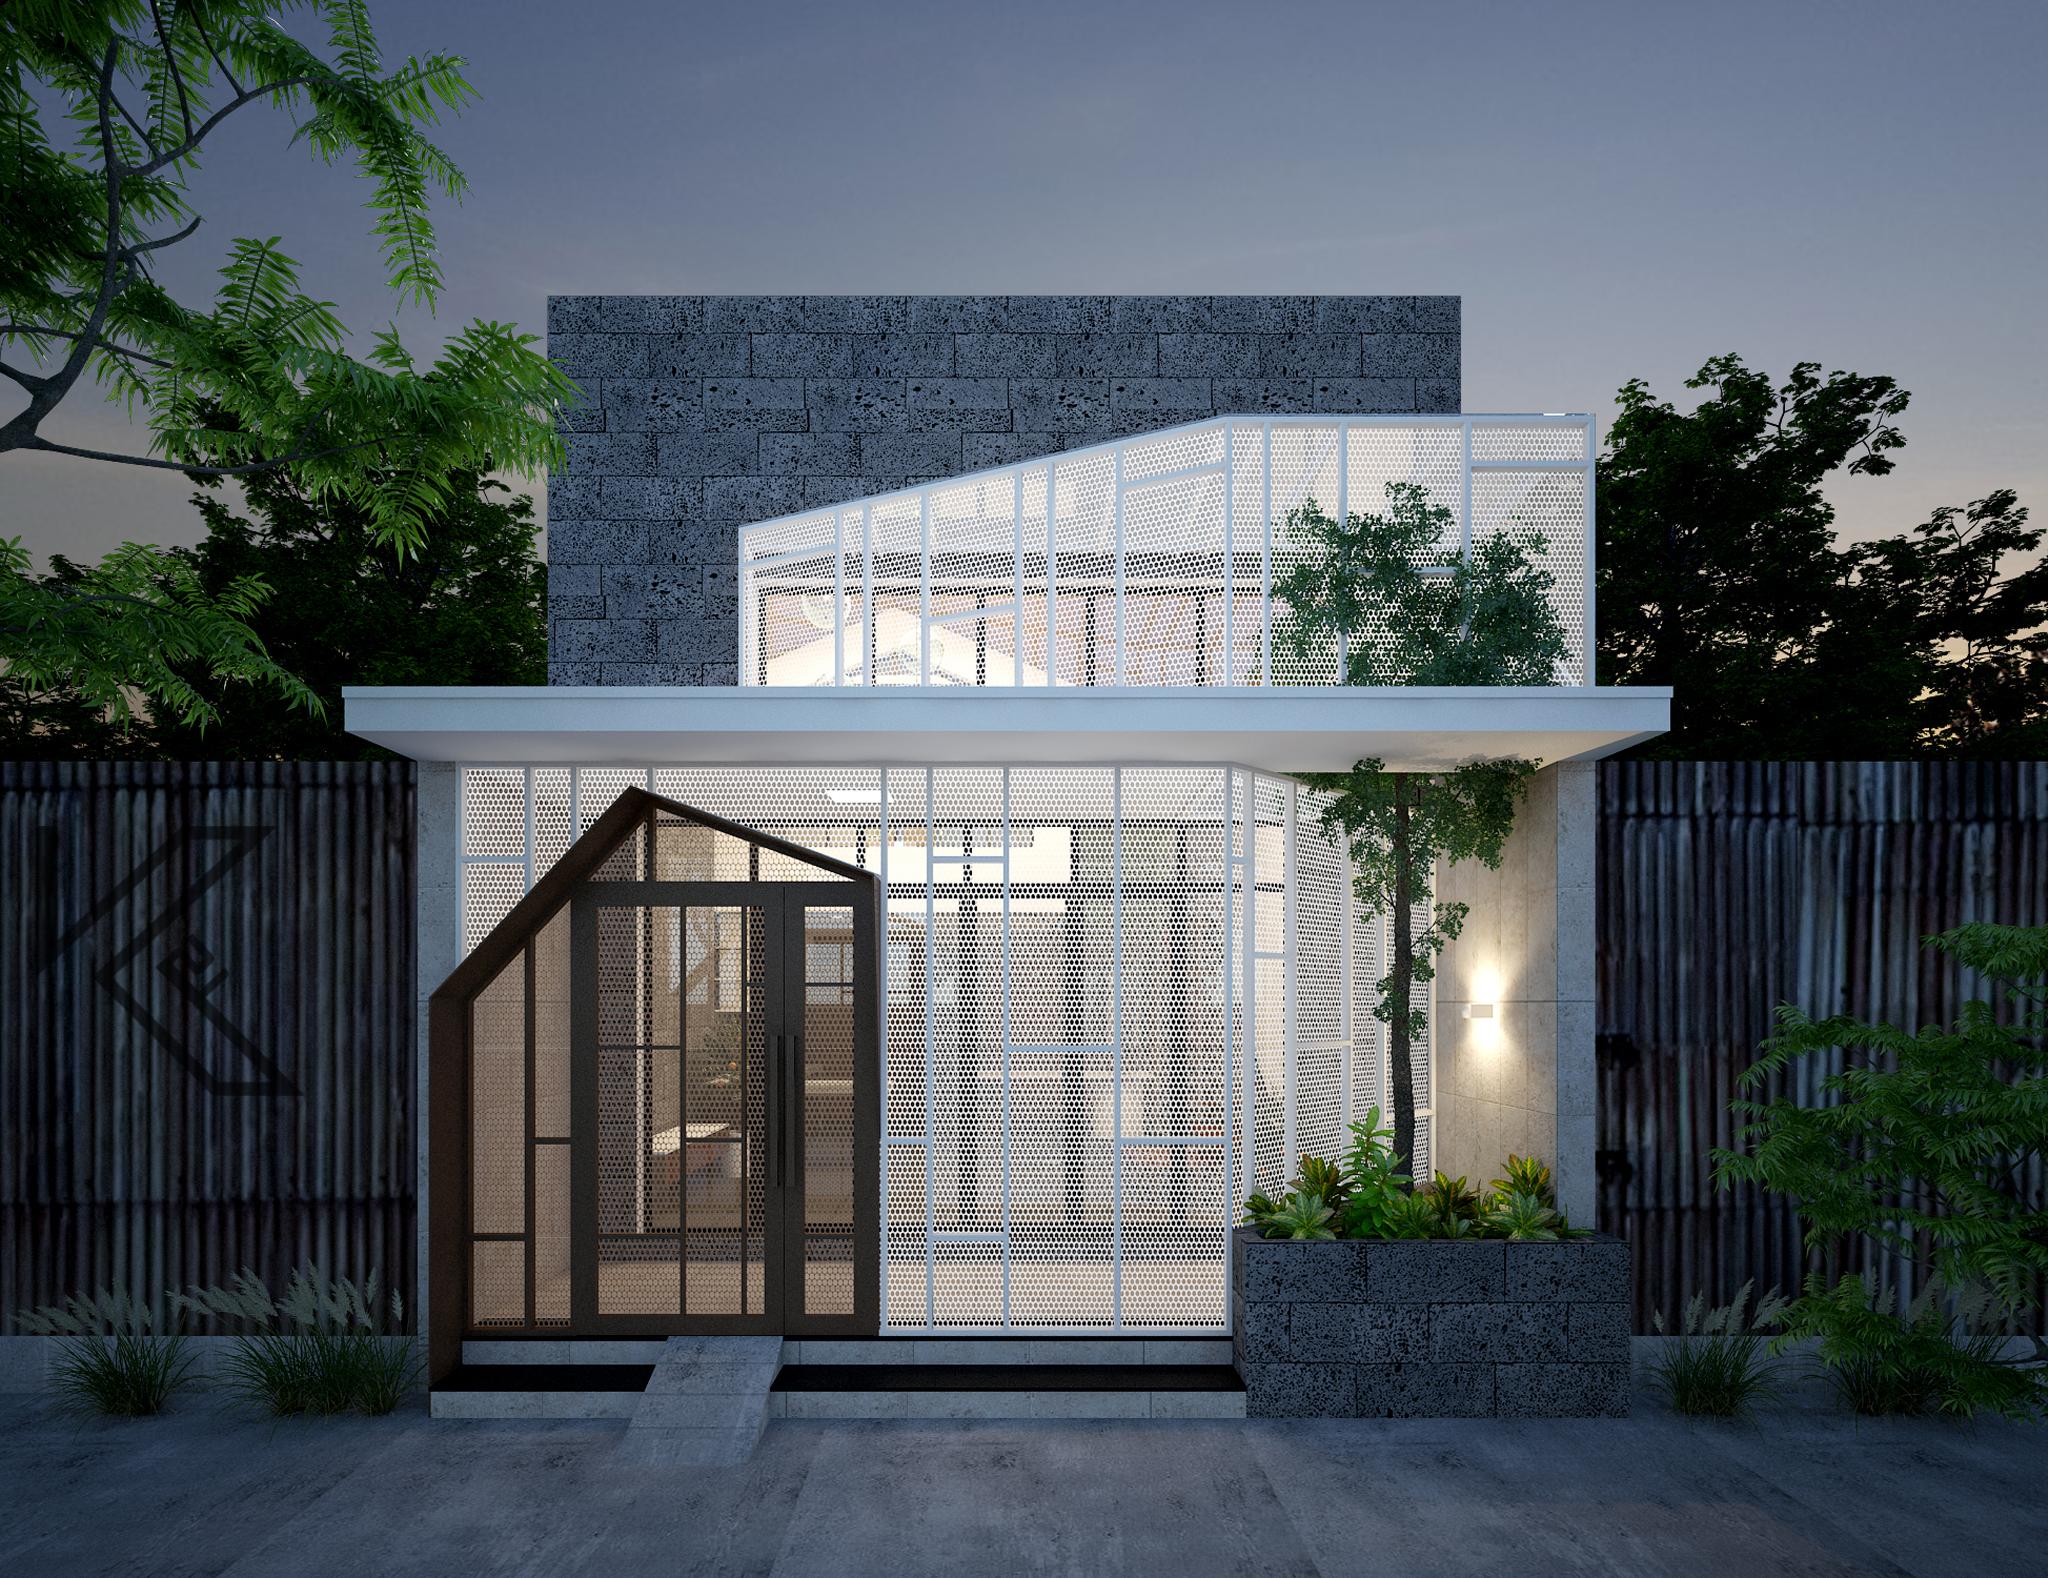 Thiết kế Nhà Mặt Phố tại Khánh Hòa NHÀ THẰNG BẠN 1576921432 1